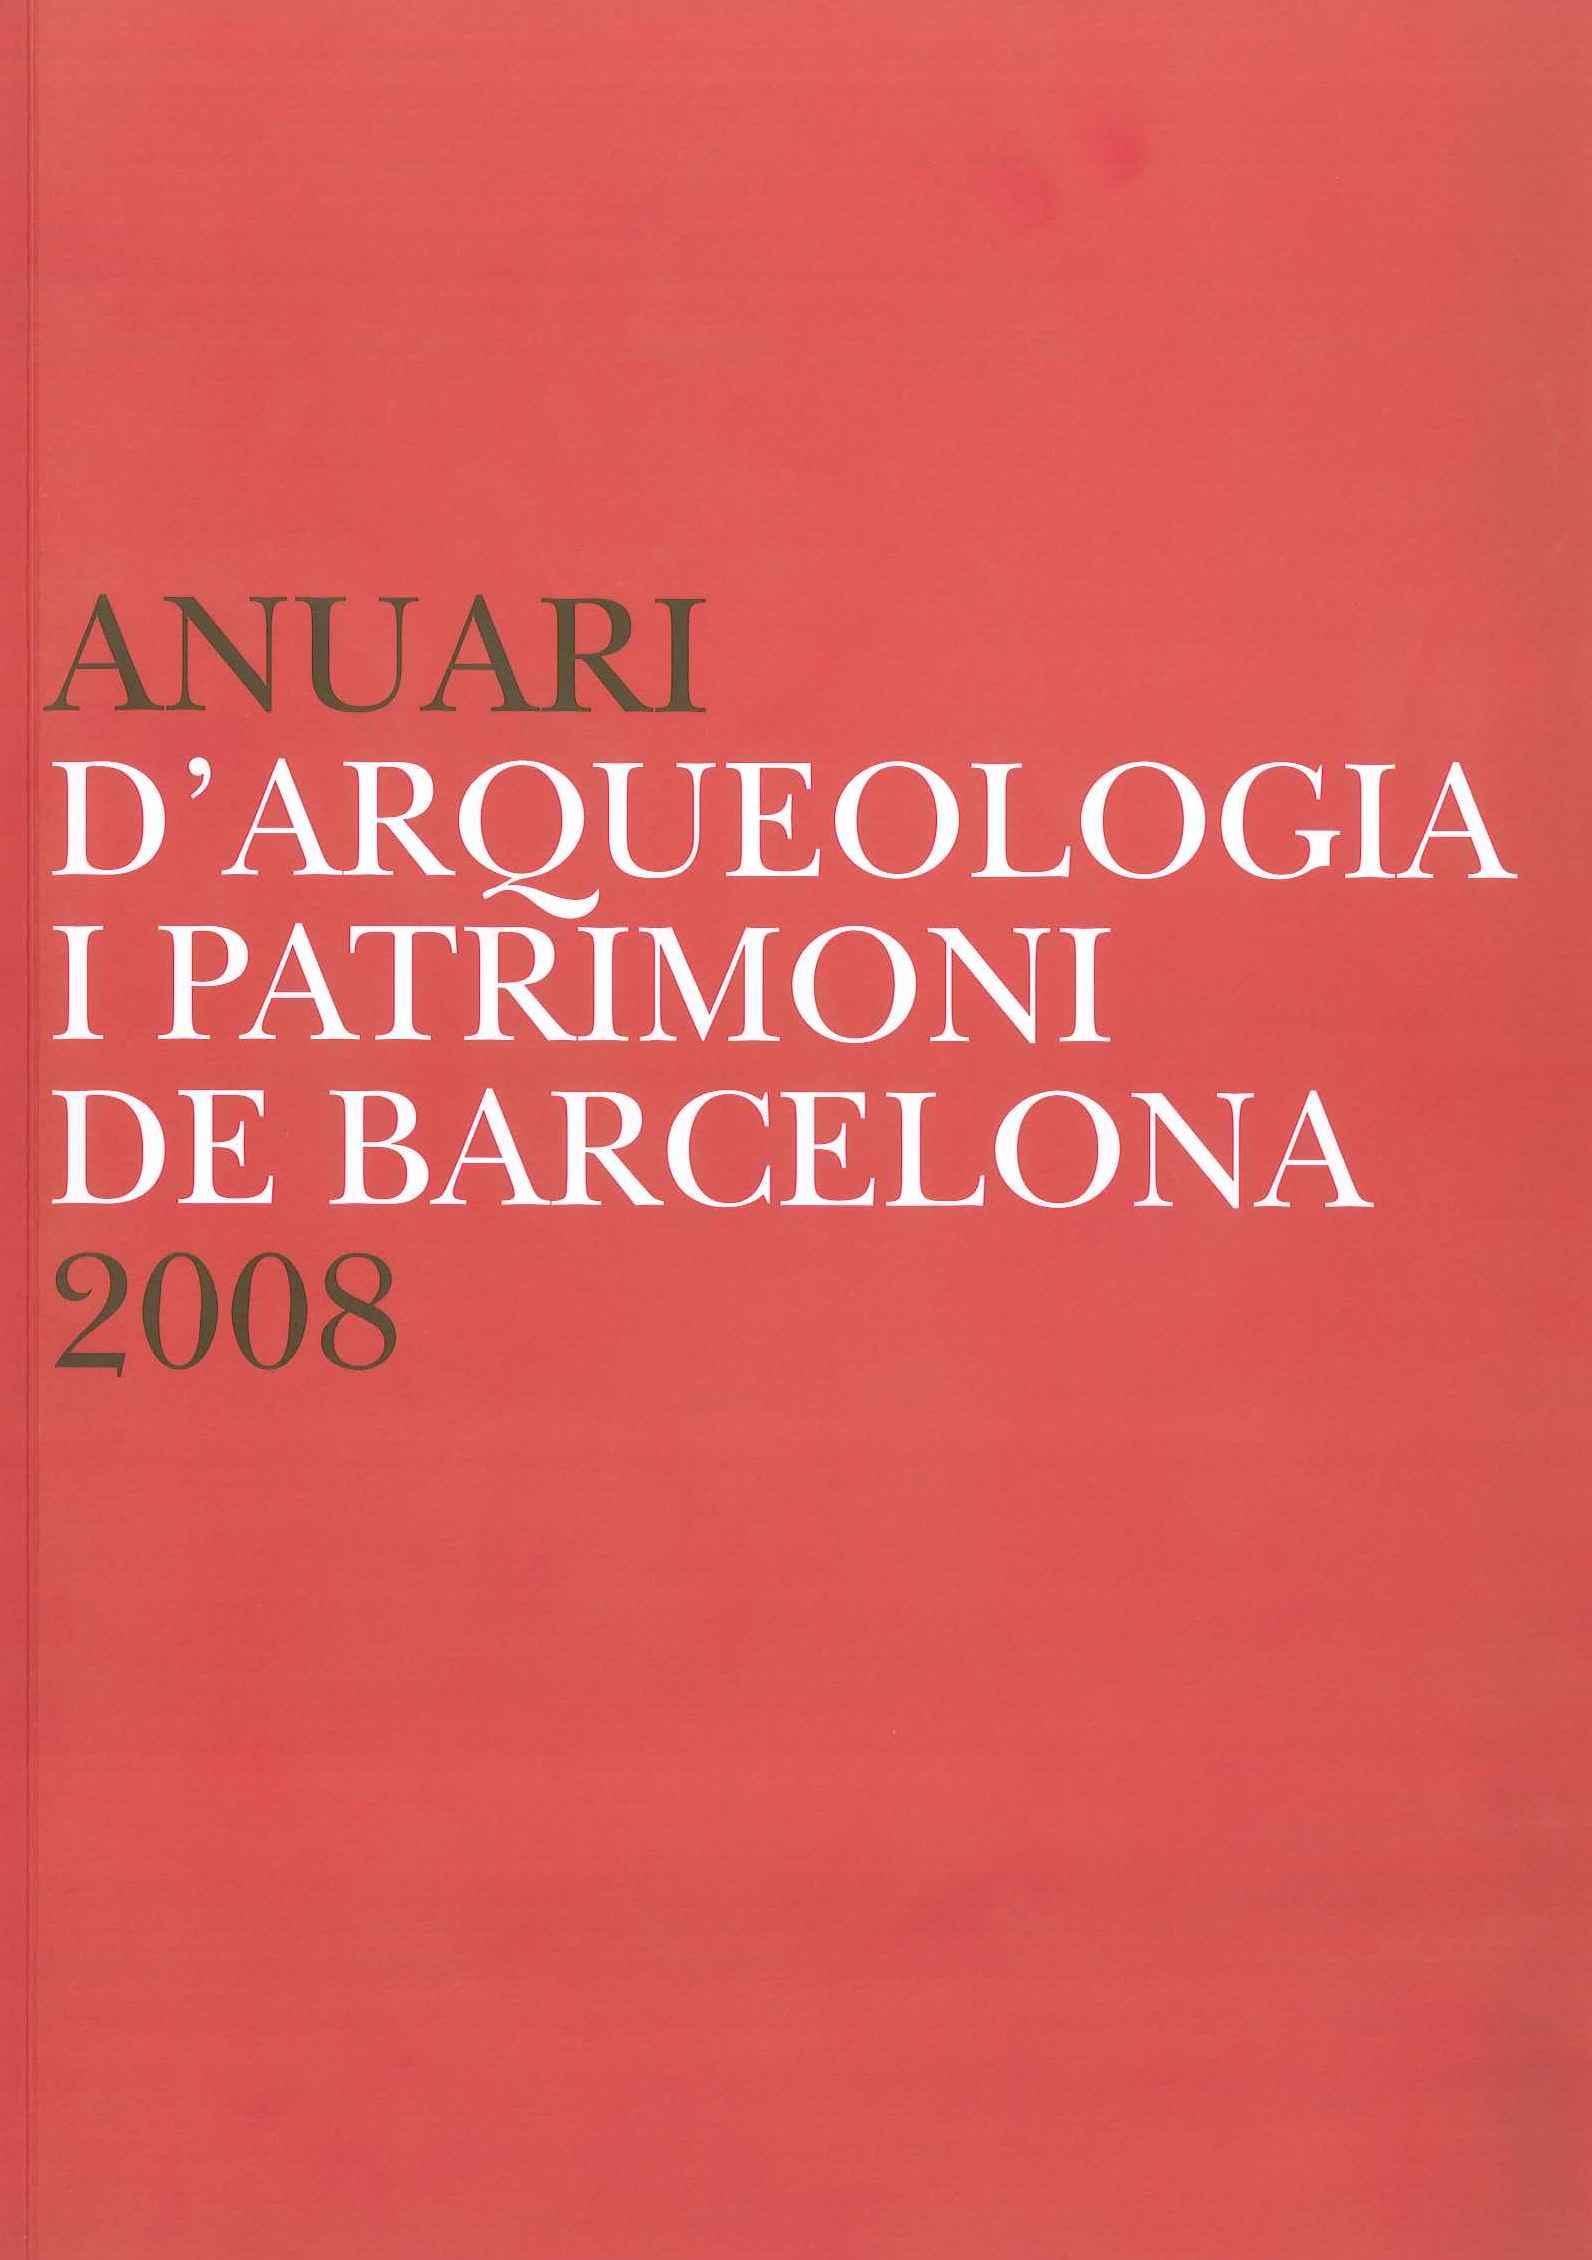 Anuari d'Arqueologia i Patrimoni de Barcelona 2008